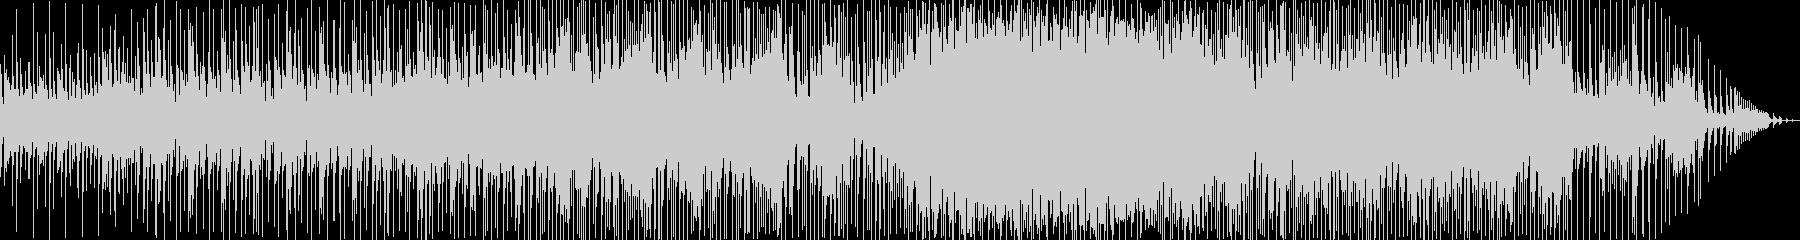 使用例下記にありsamurai popsの未再生の波形